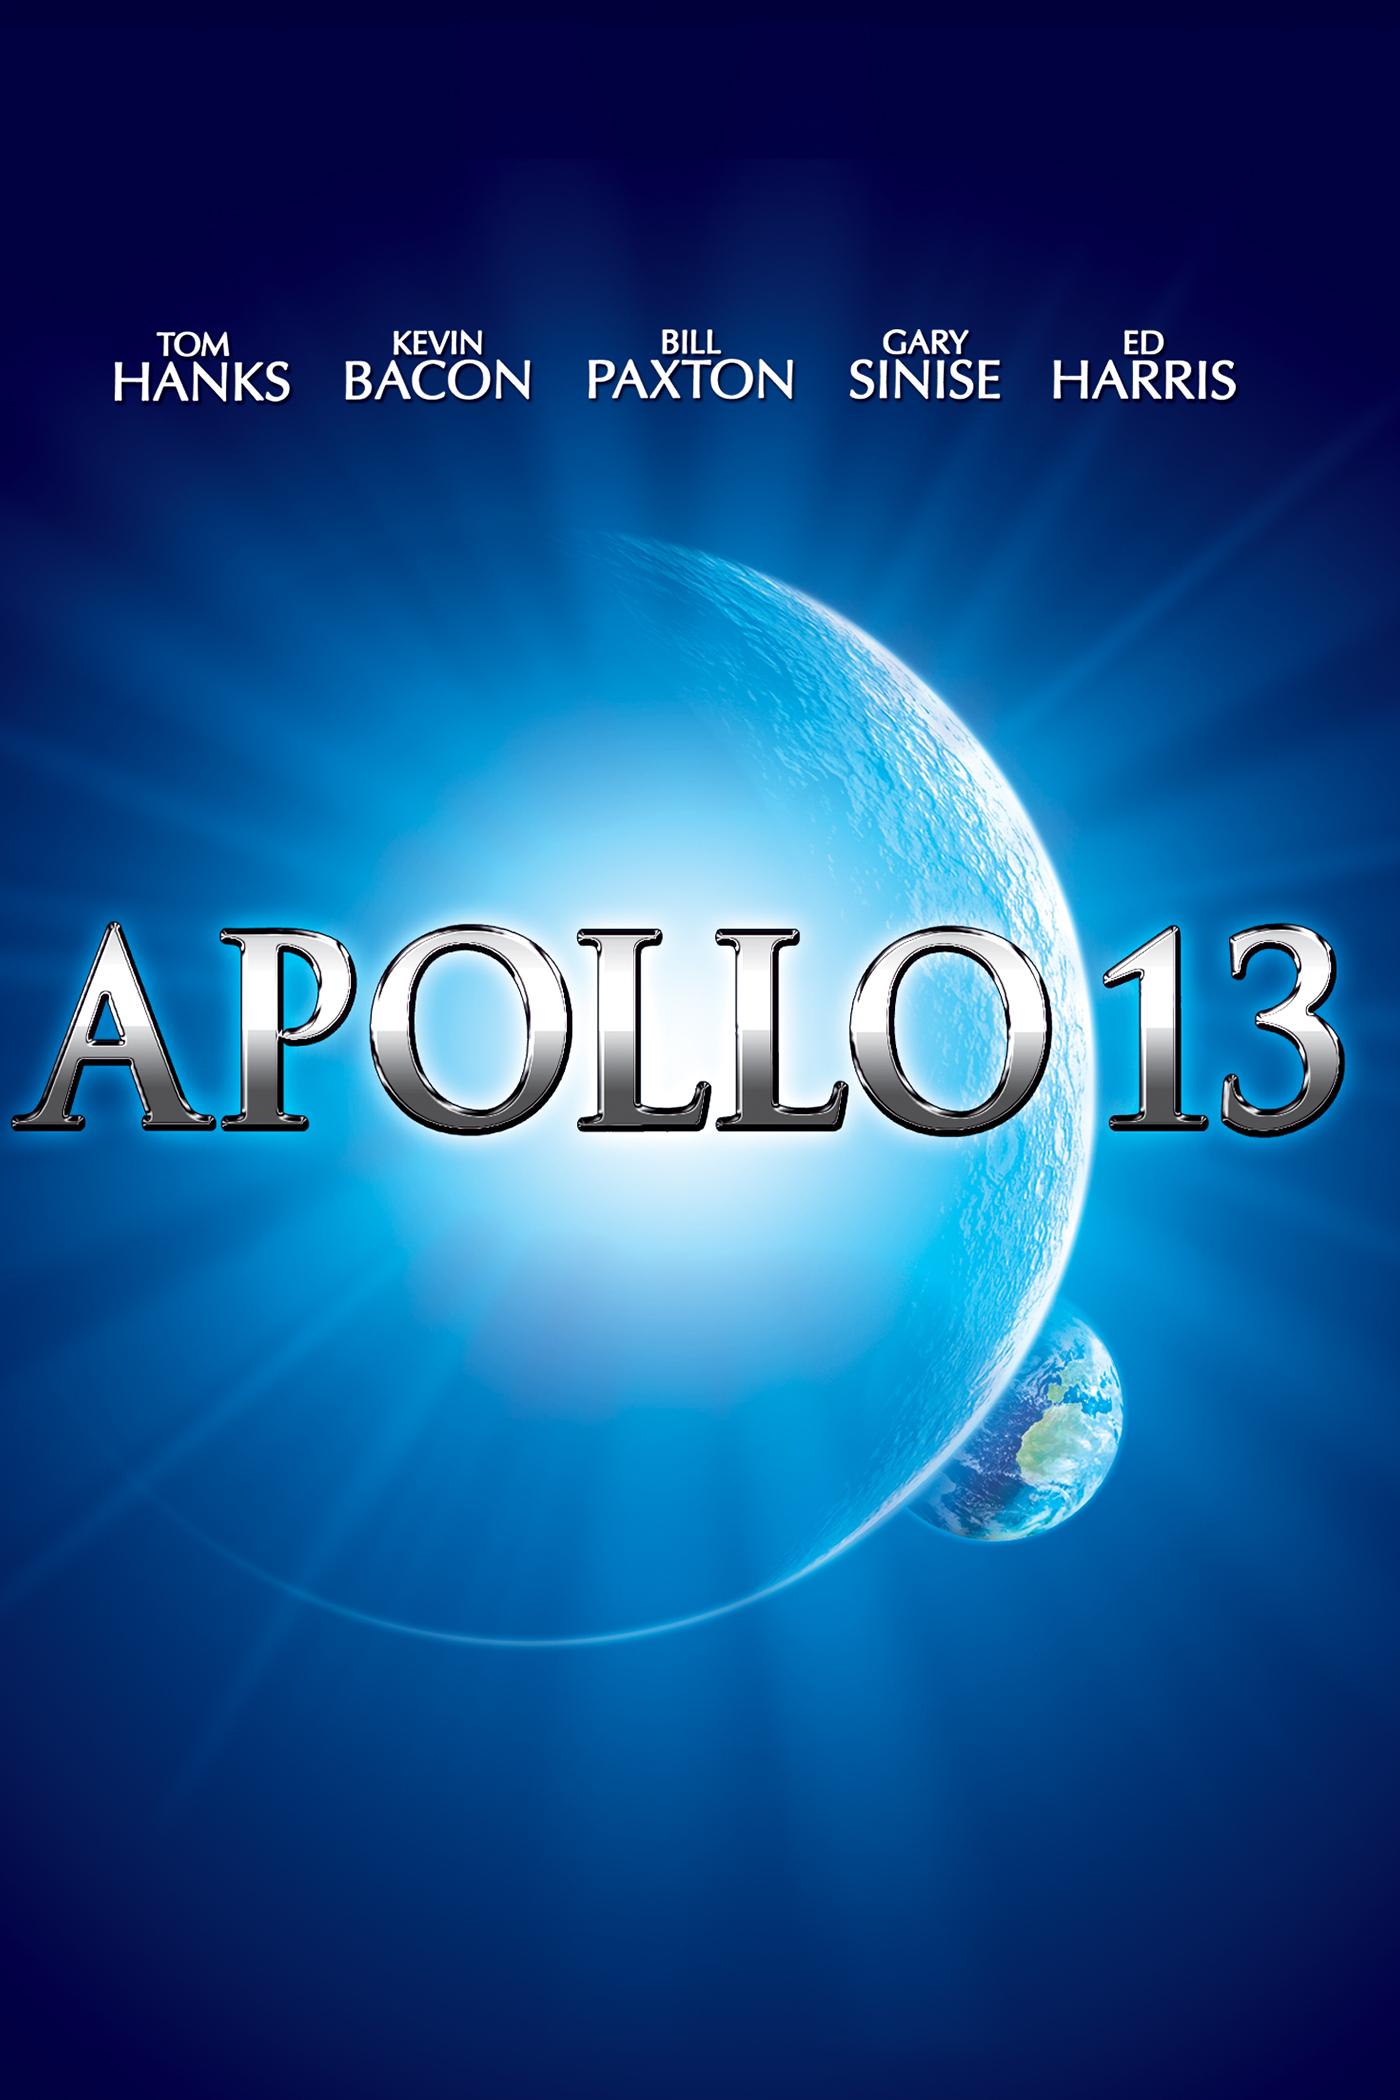 Emily Ann Lloyd Apollo 13 U2229 mlpe tk apollo13 1400x2100 jpgEmily Ann Lloyd Apollo 13